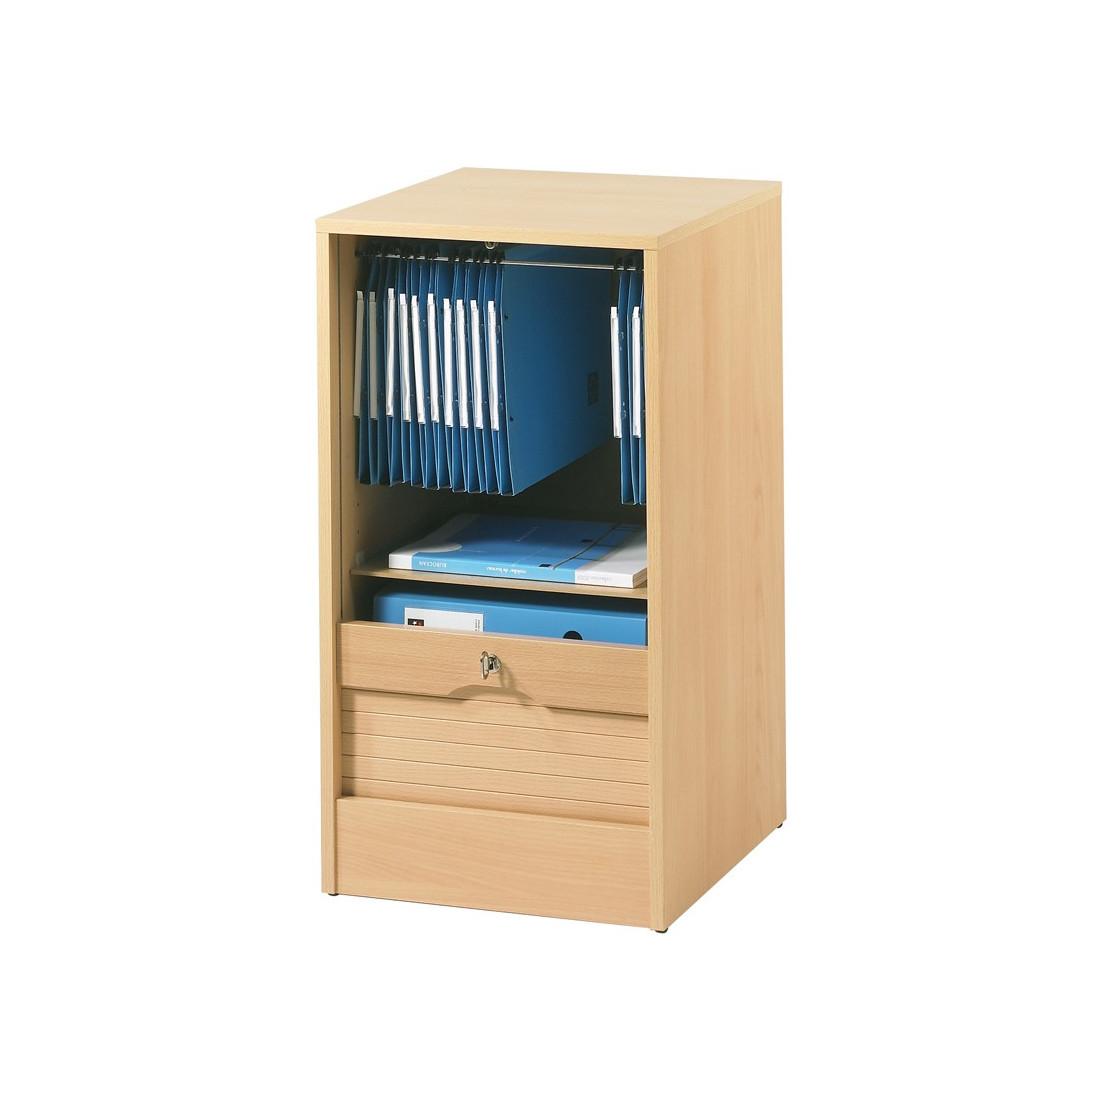 classeur rideau h tre taille s klass univers du bureau. Black Bedroom Furniture Sets. Home Design Ideas